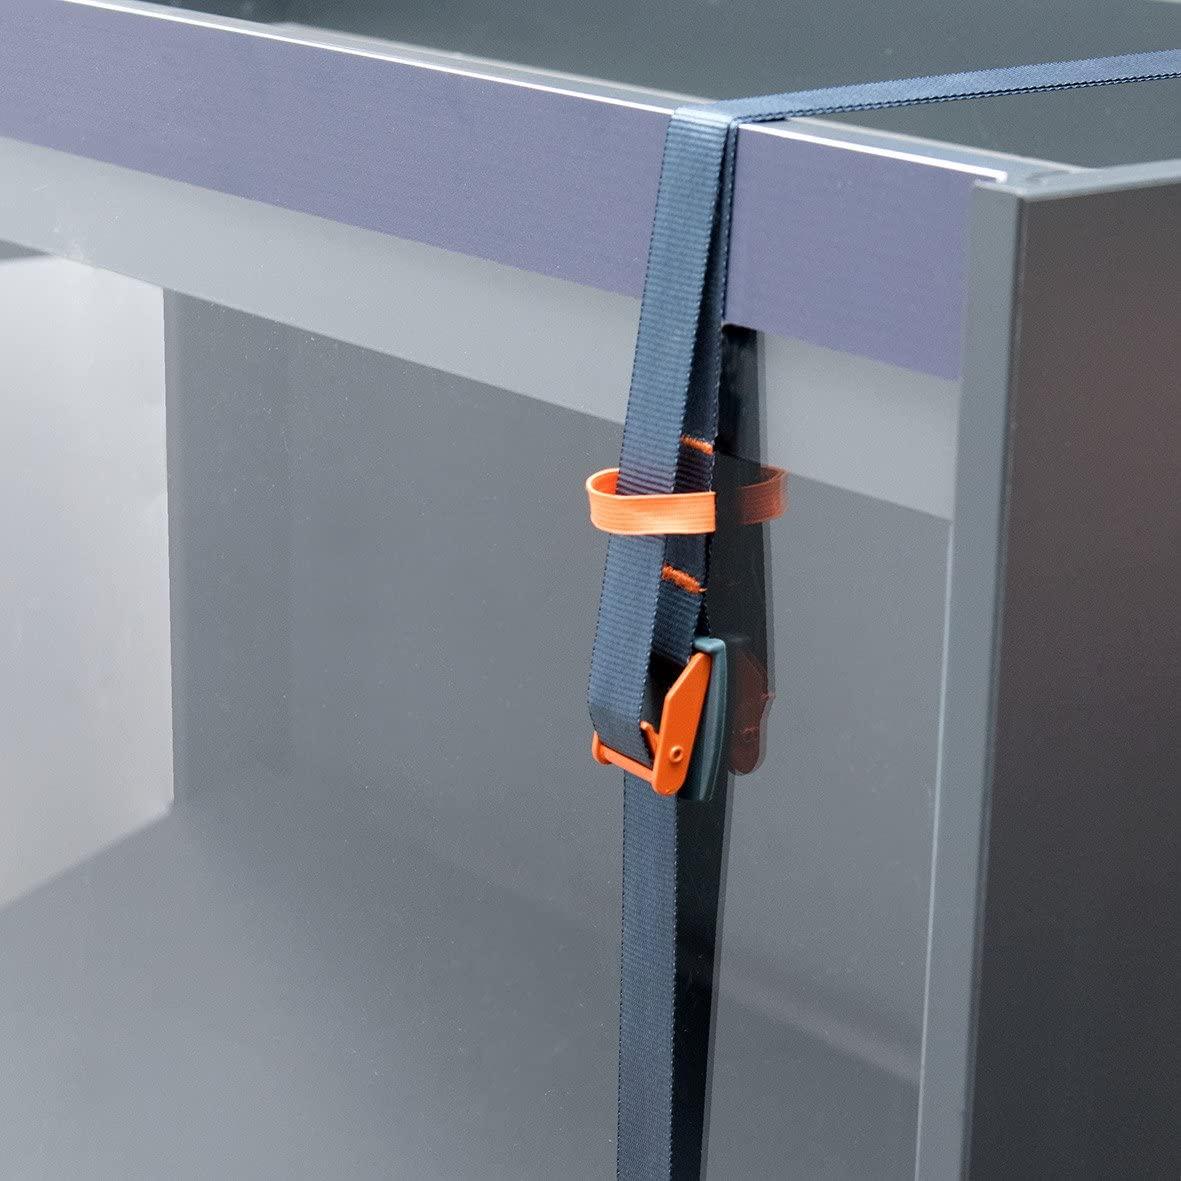 CONNEX Mini-Zurrgurt, 3 m x 25 mm, bis 200 kg, orange